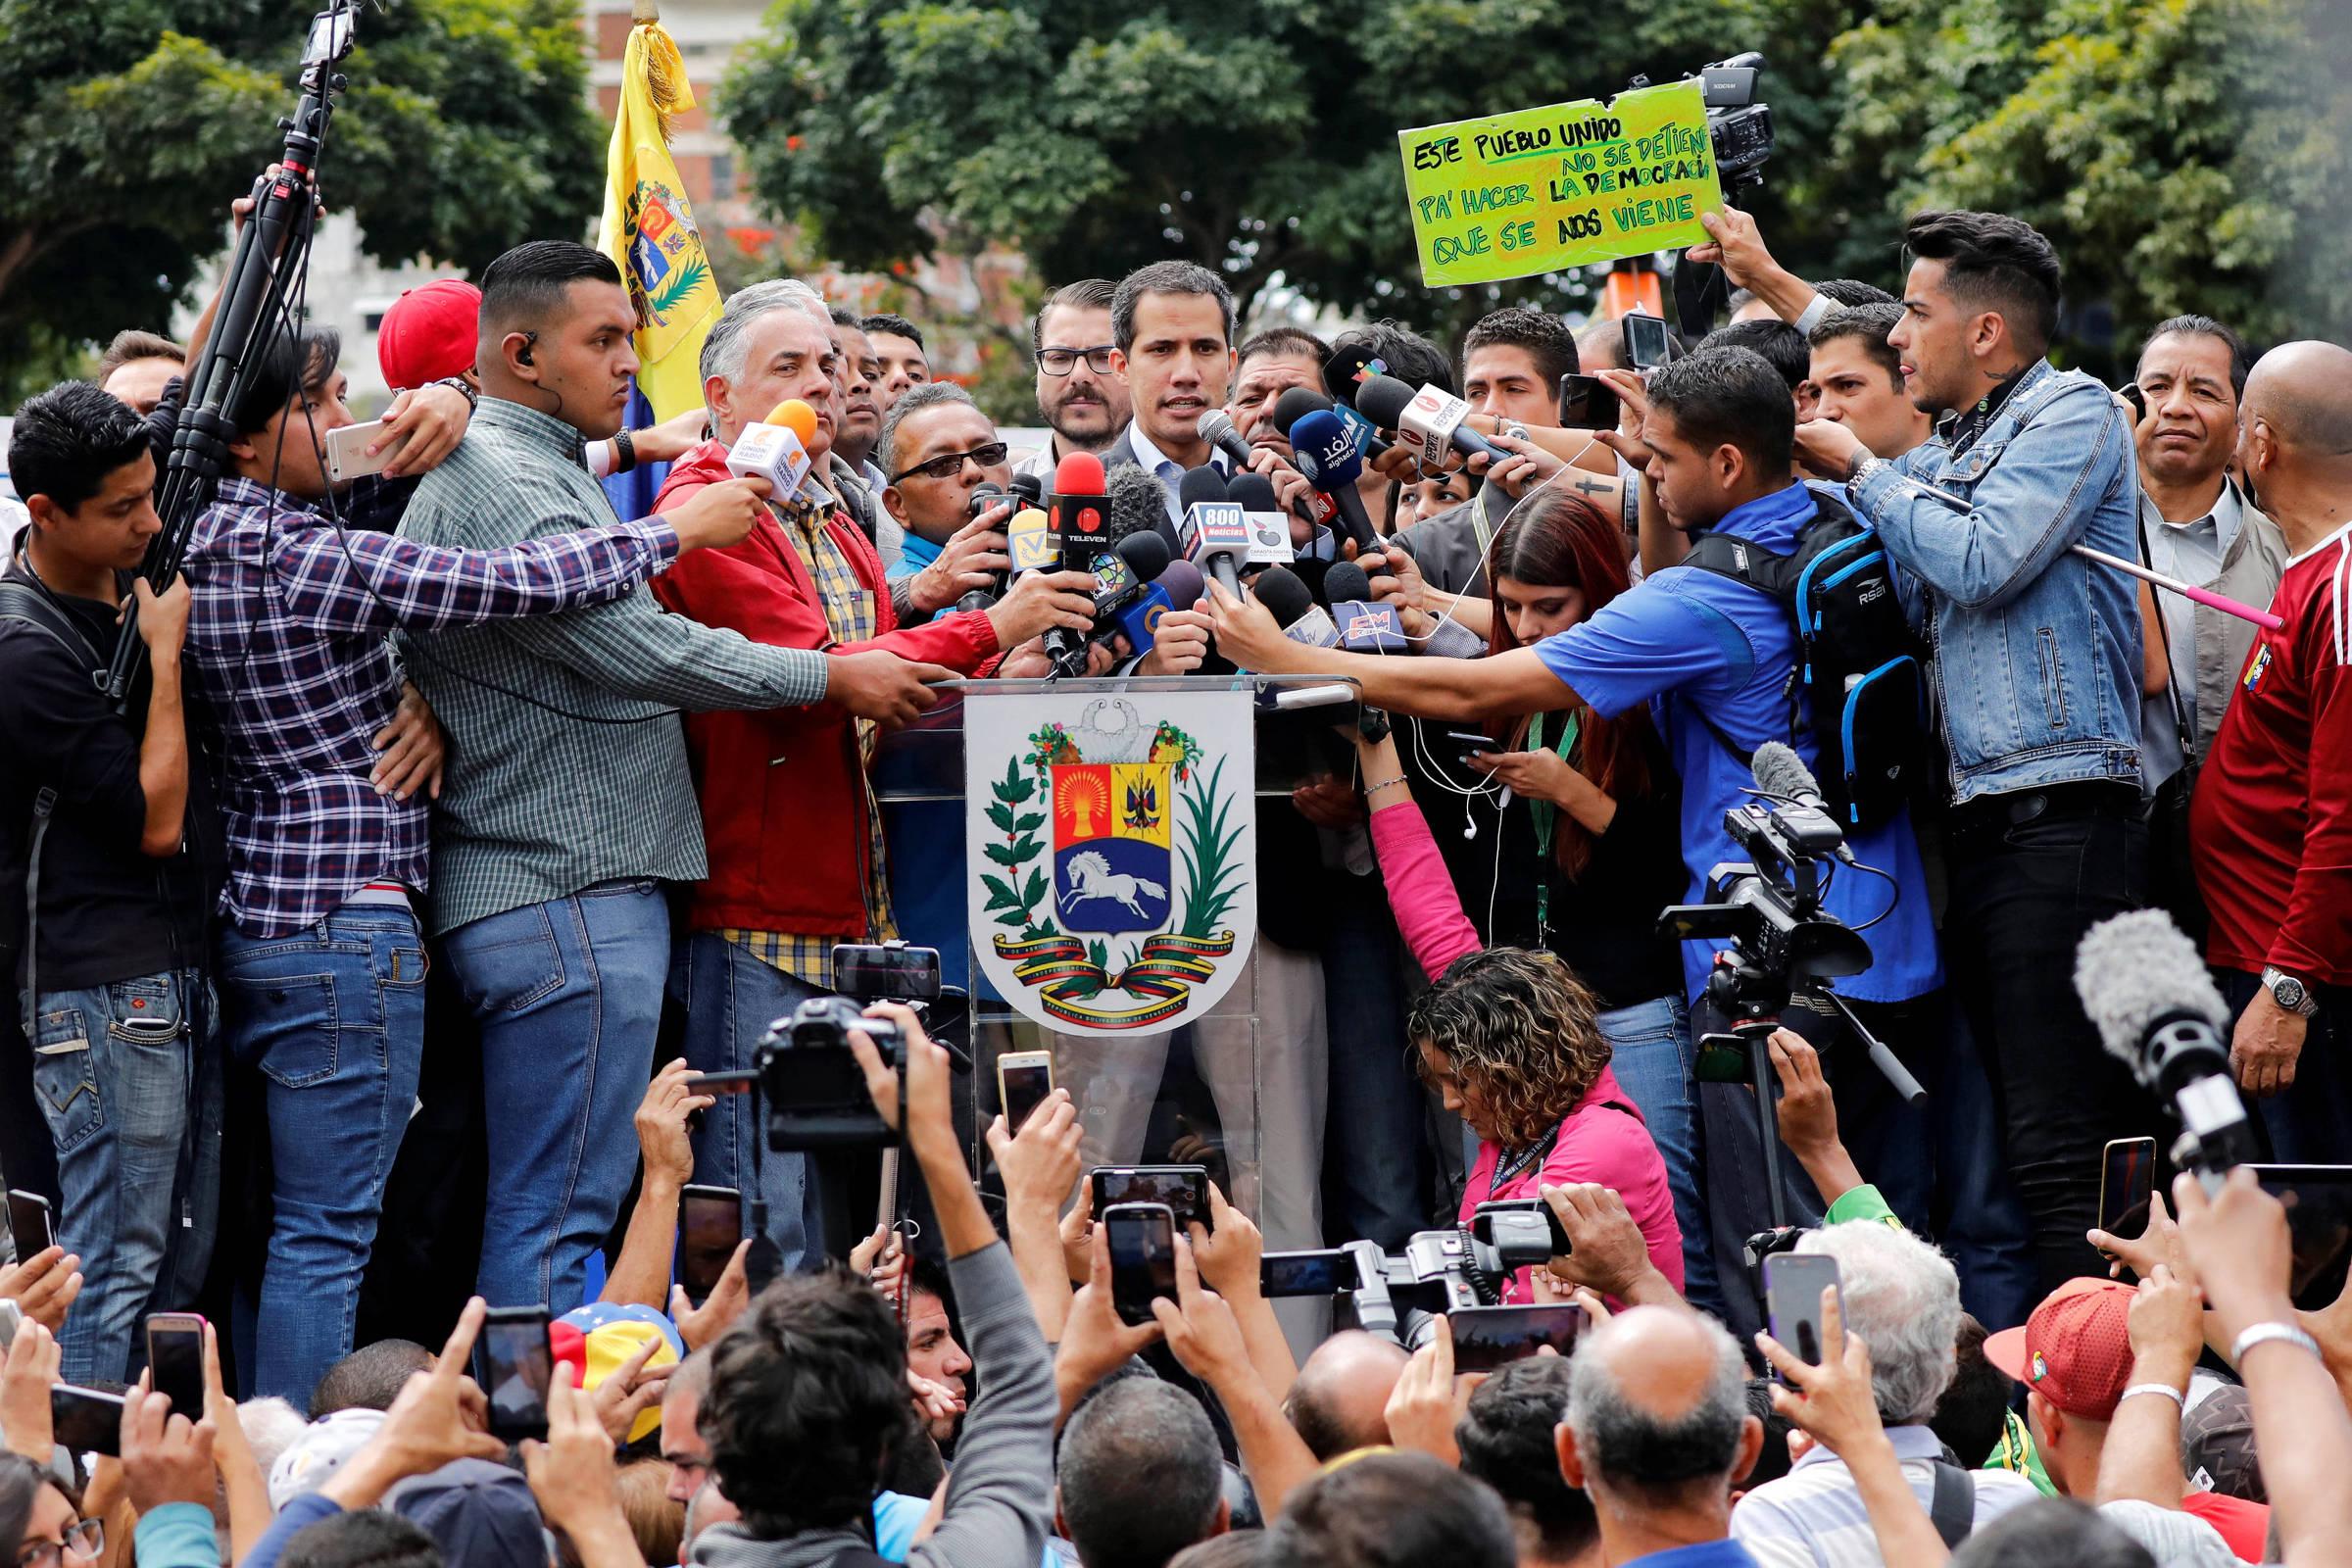 O líder opositor venezuelano Juan Guaidó discursa em evento na capital do país, Caracas